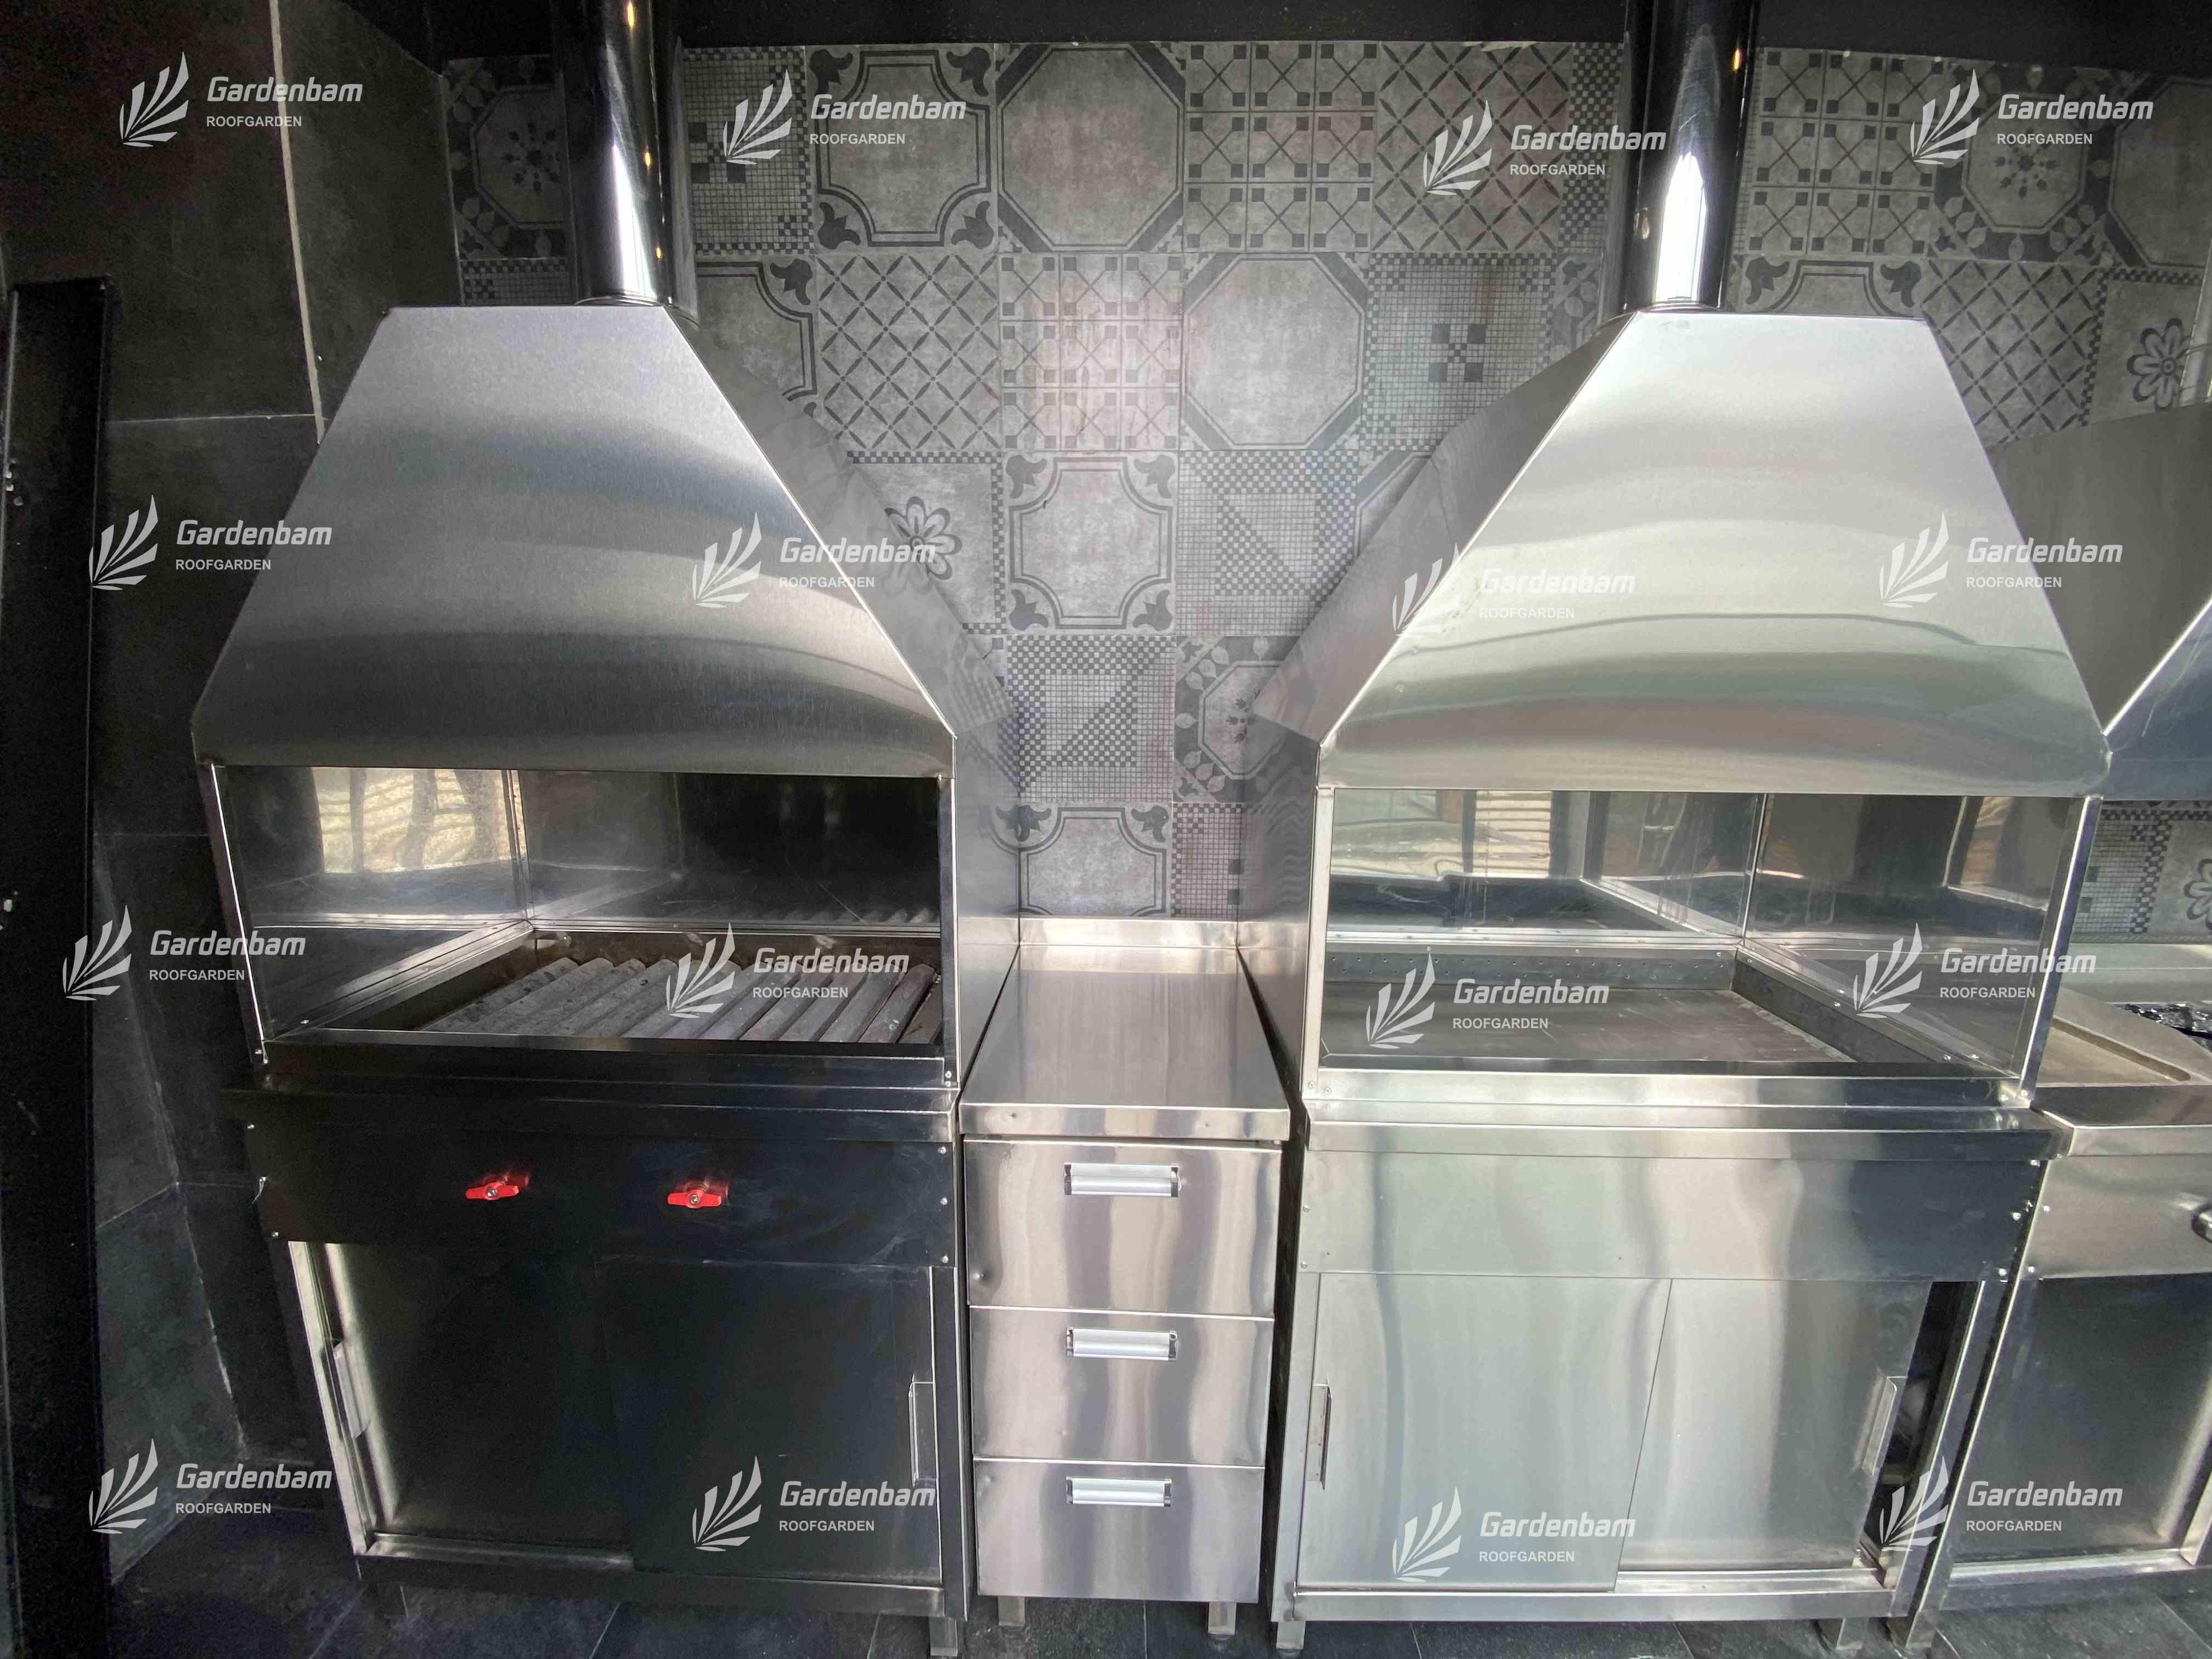 روف گاردن  بام سبز گاردن بام آشپزخانه صنعتی پروژه سعادت آباد گاردن بام 